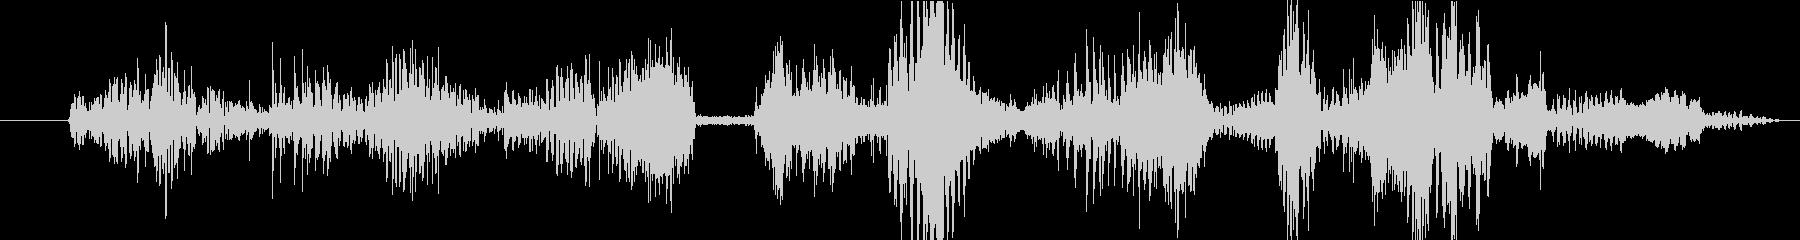 イメージ クレイジートーク05の未再生の波形